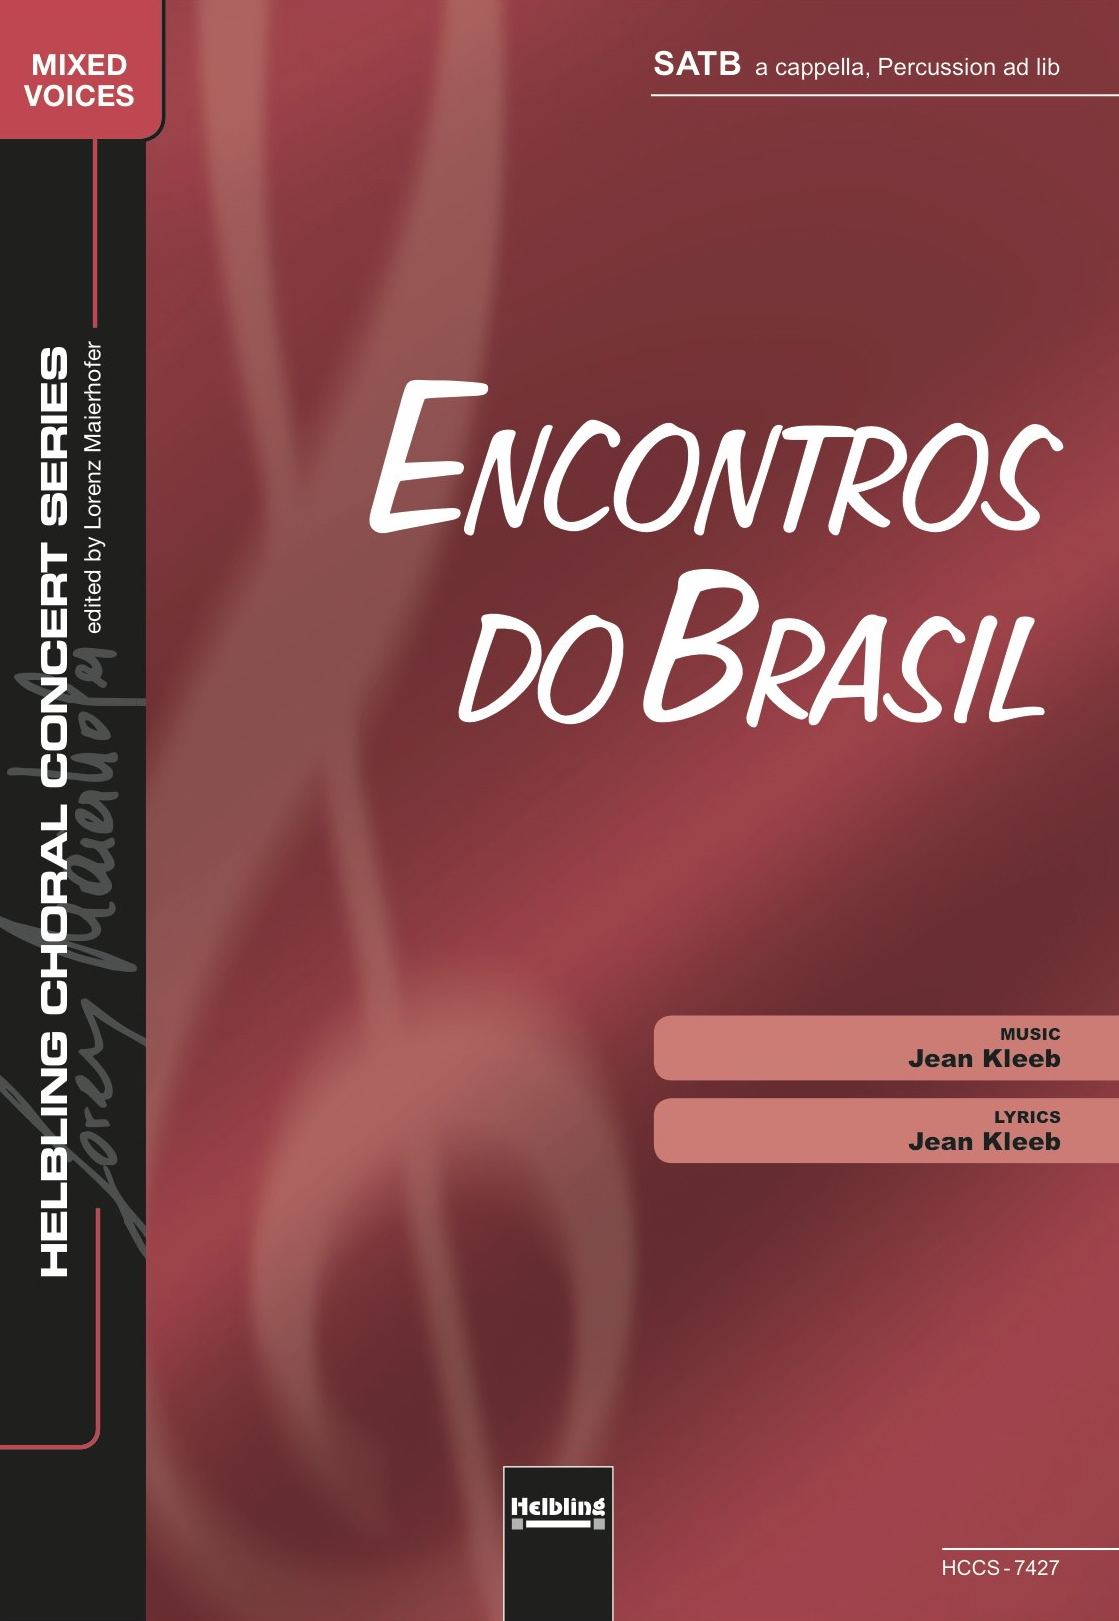 Encontros_cover.jpg